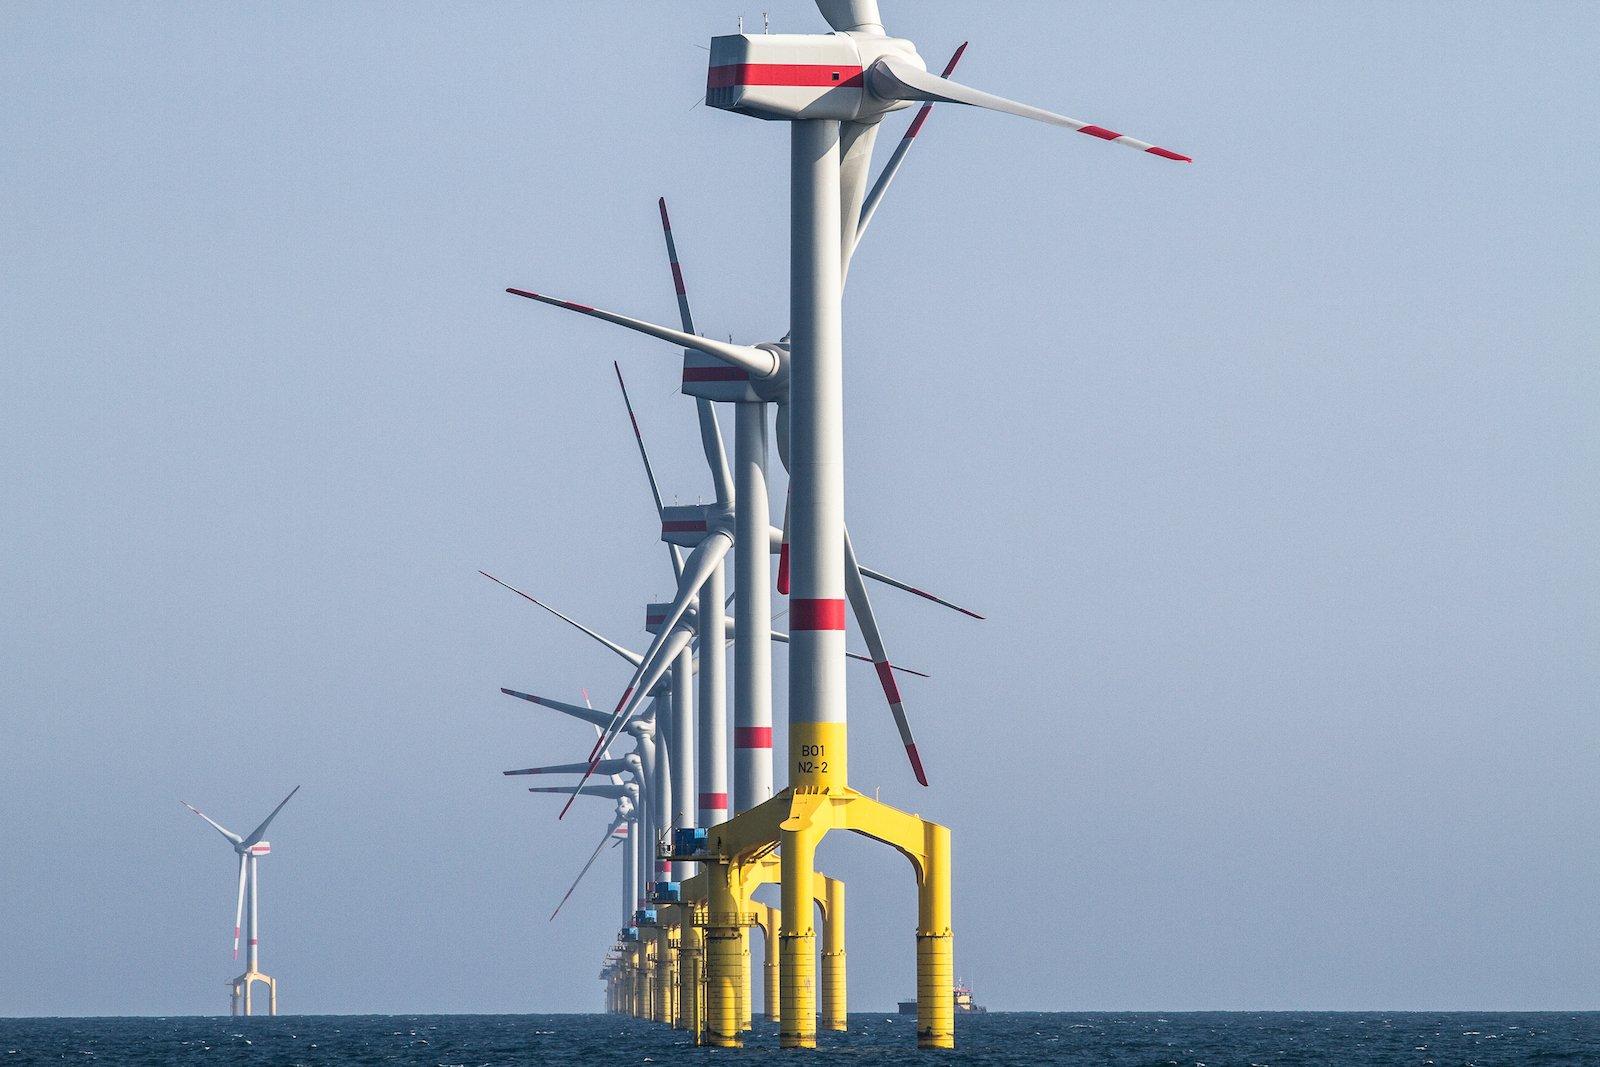 Das deutsche Offshore-Vorzeigeprojekt BARD 1 besteht aus 80 Windrädern mit einer Leistung von 400 Megawatt.